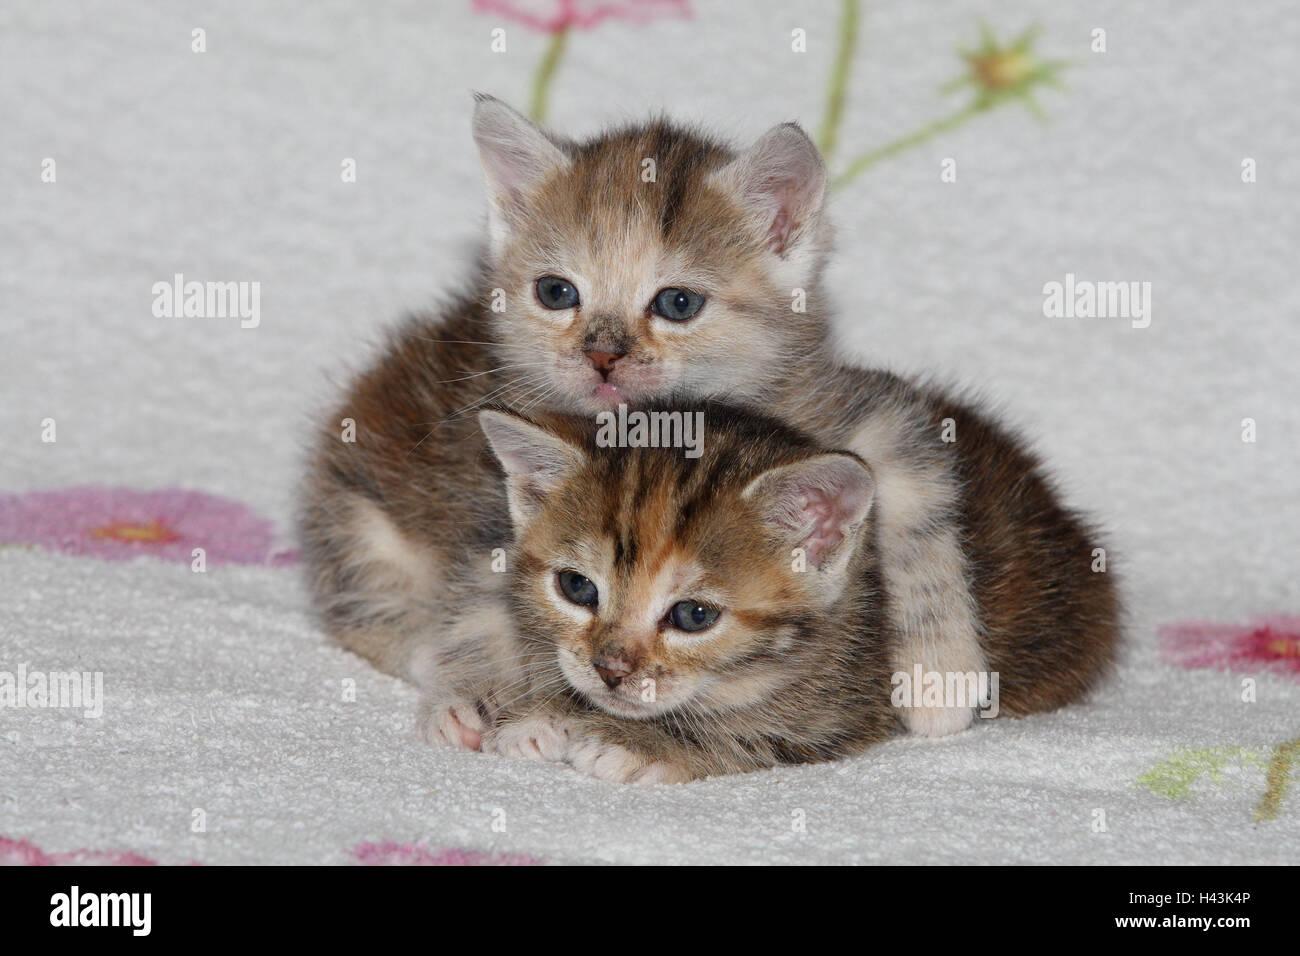 Katzen, junge, liegen, kuscheln, liebevoll, Bett, Tiere, Säugetiere, Haustiere, kleine Katzen, Felidae, zähmt, Haus Katze, Verhalten, Jungtier, Kätzchen, zwei Stück, zusammen, Geschwister, klein, kuscheln, umarmen liebevoll, ungeschickt, unbeholfen, süß, gestreift, Liebe, Naht, müde, dösen, Zuneigung, Zweisamkeit, junge Tiere, Tierbabys, innen, Stockfoto